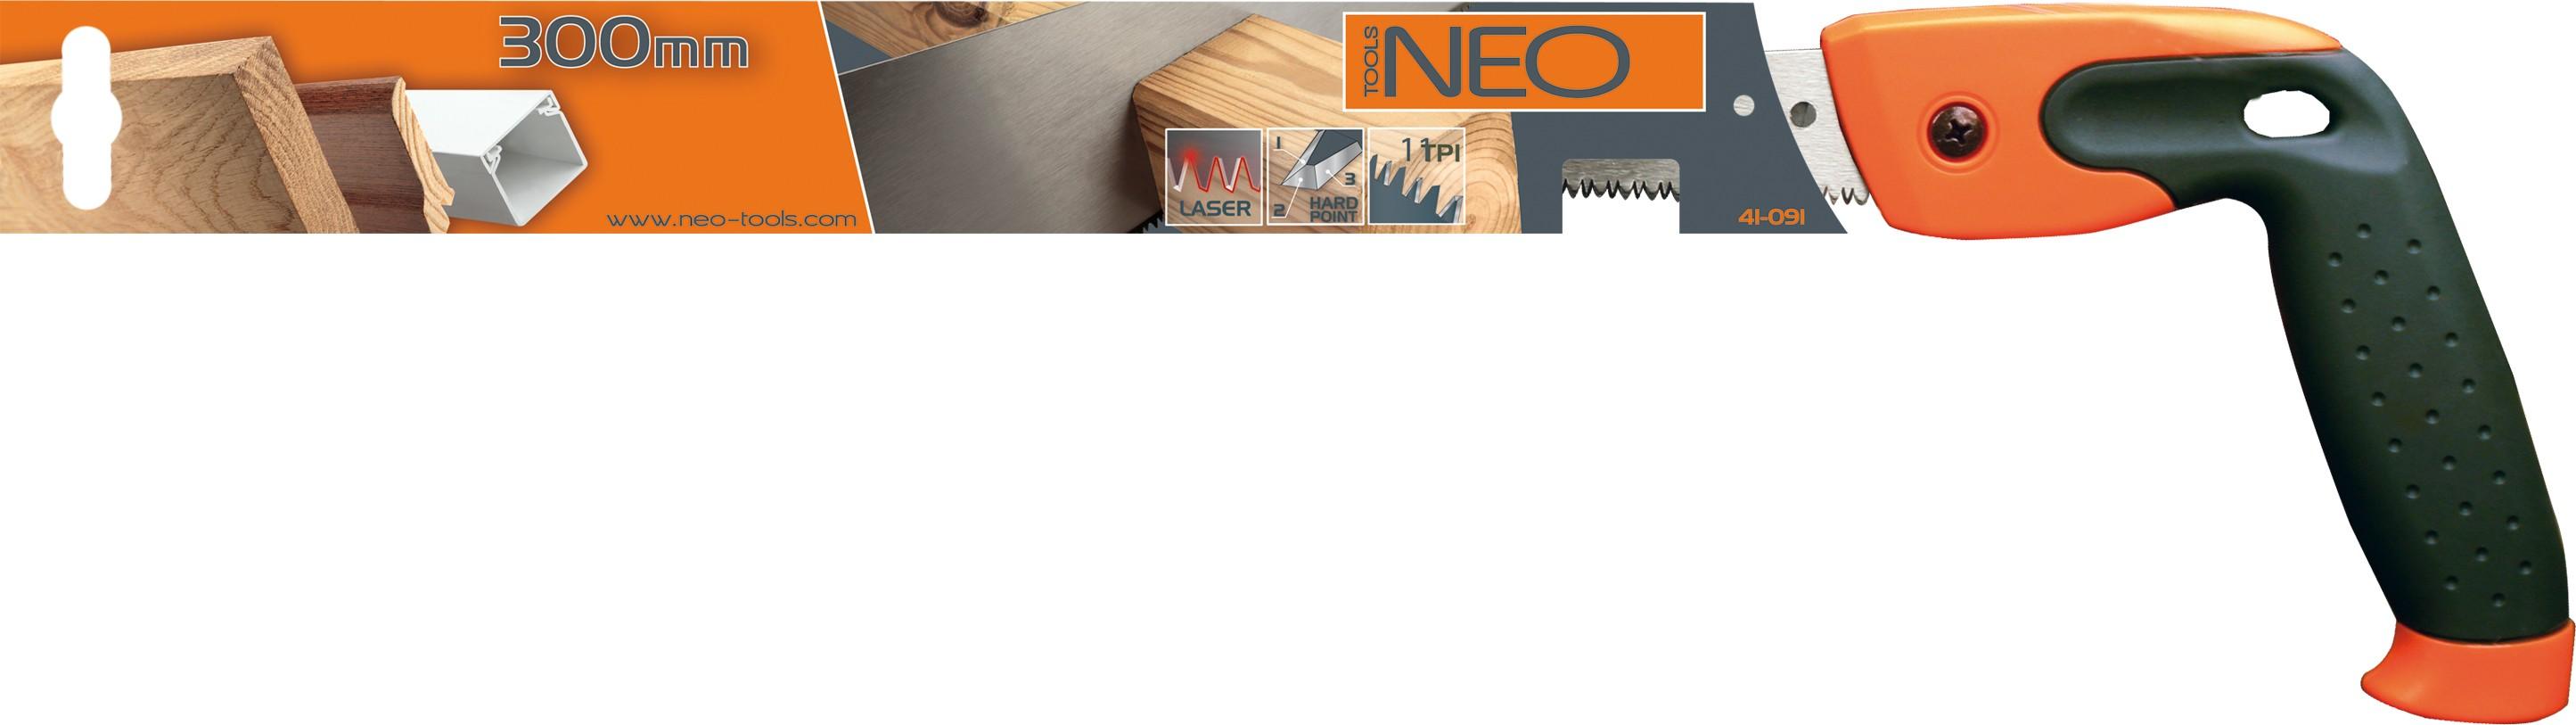 Ножовка по дереву Neo 41-091